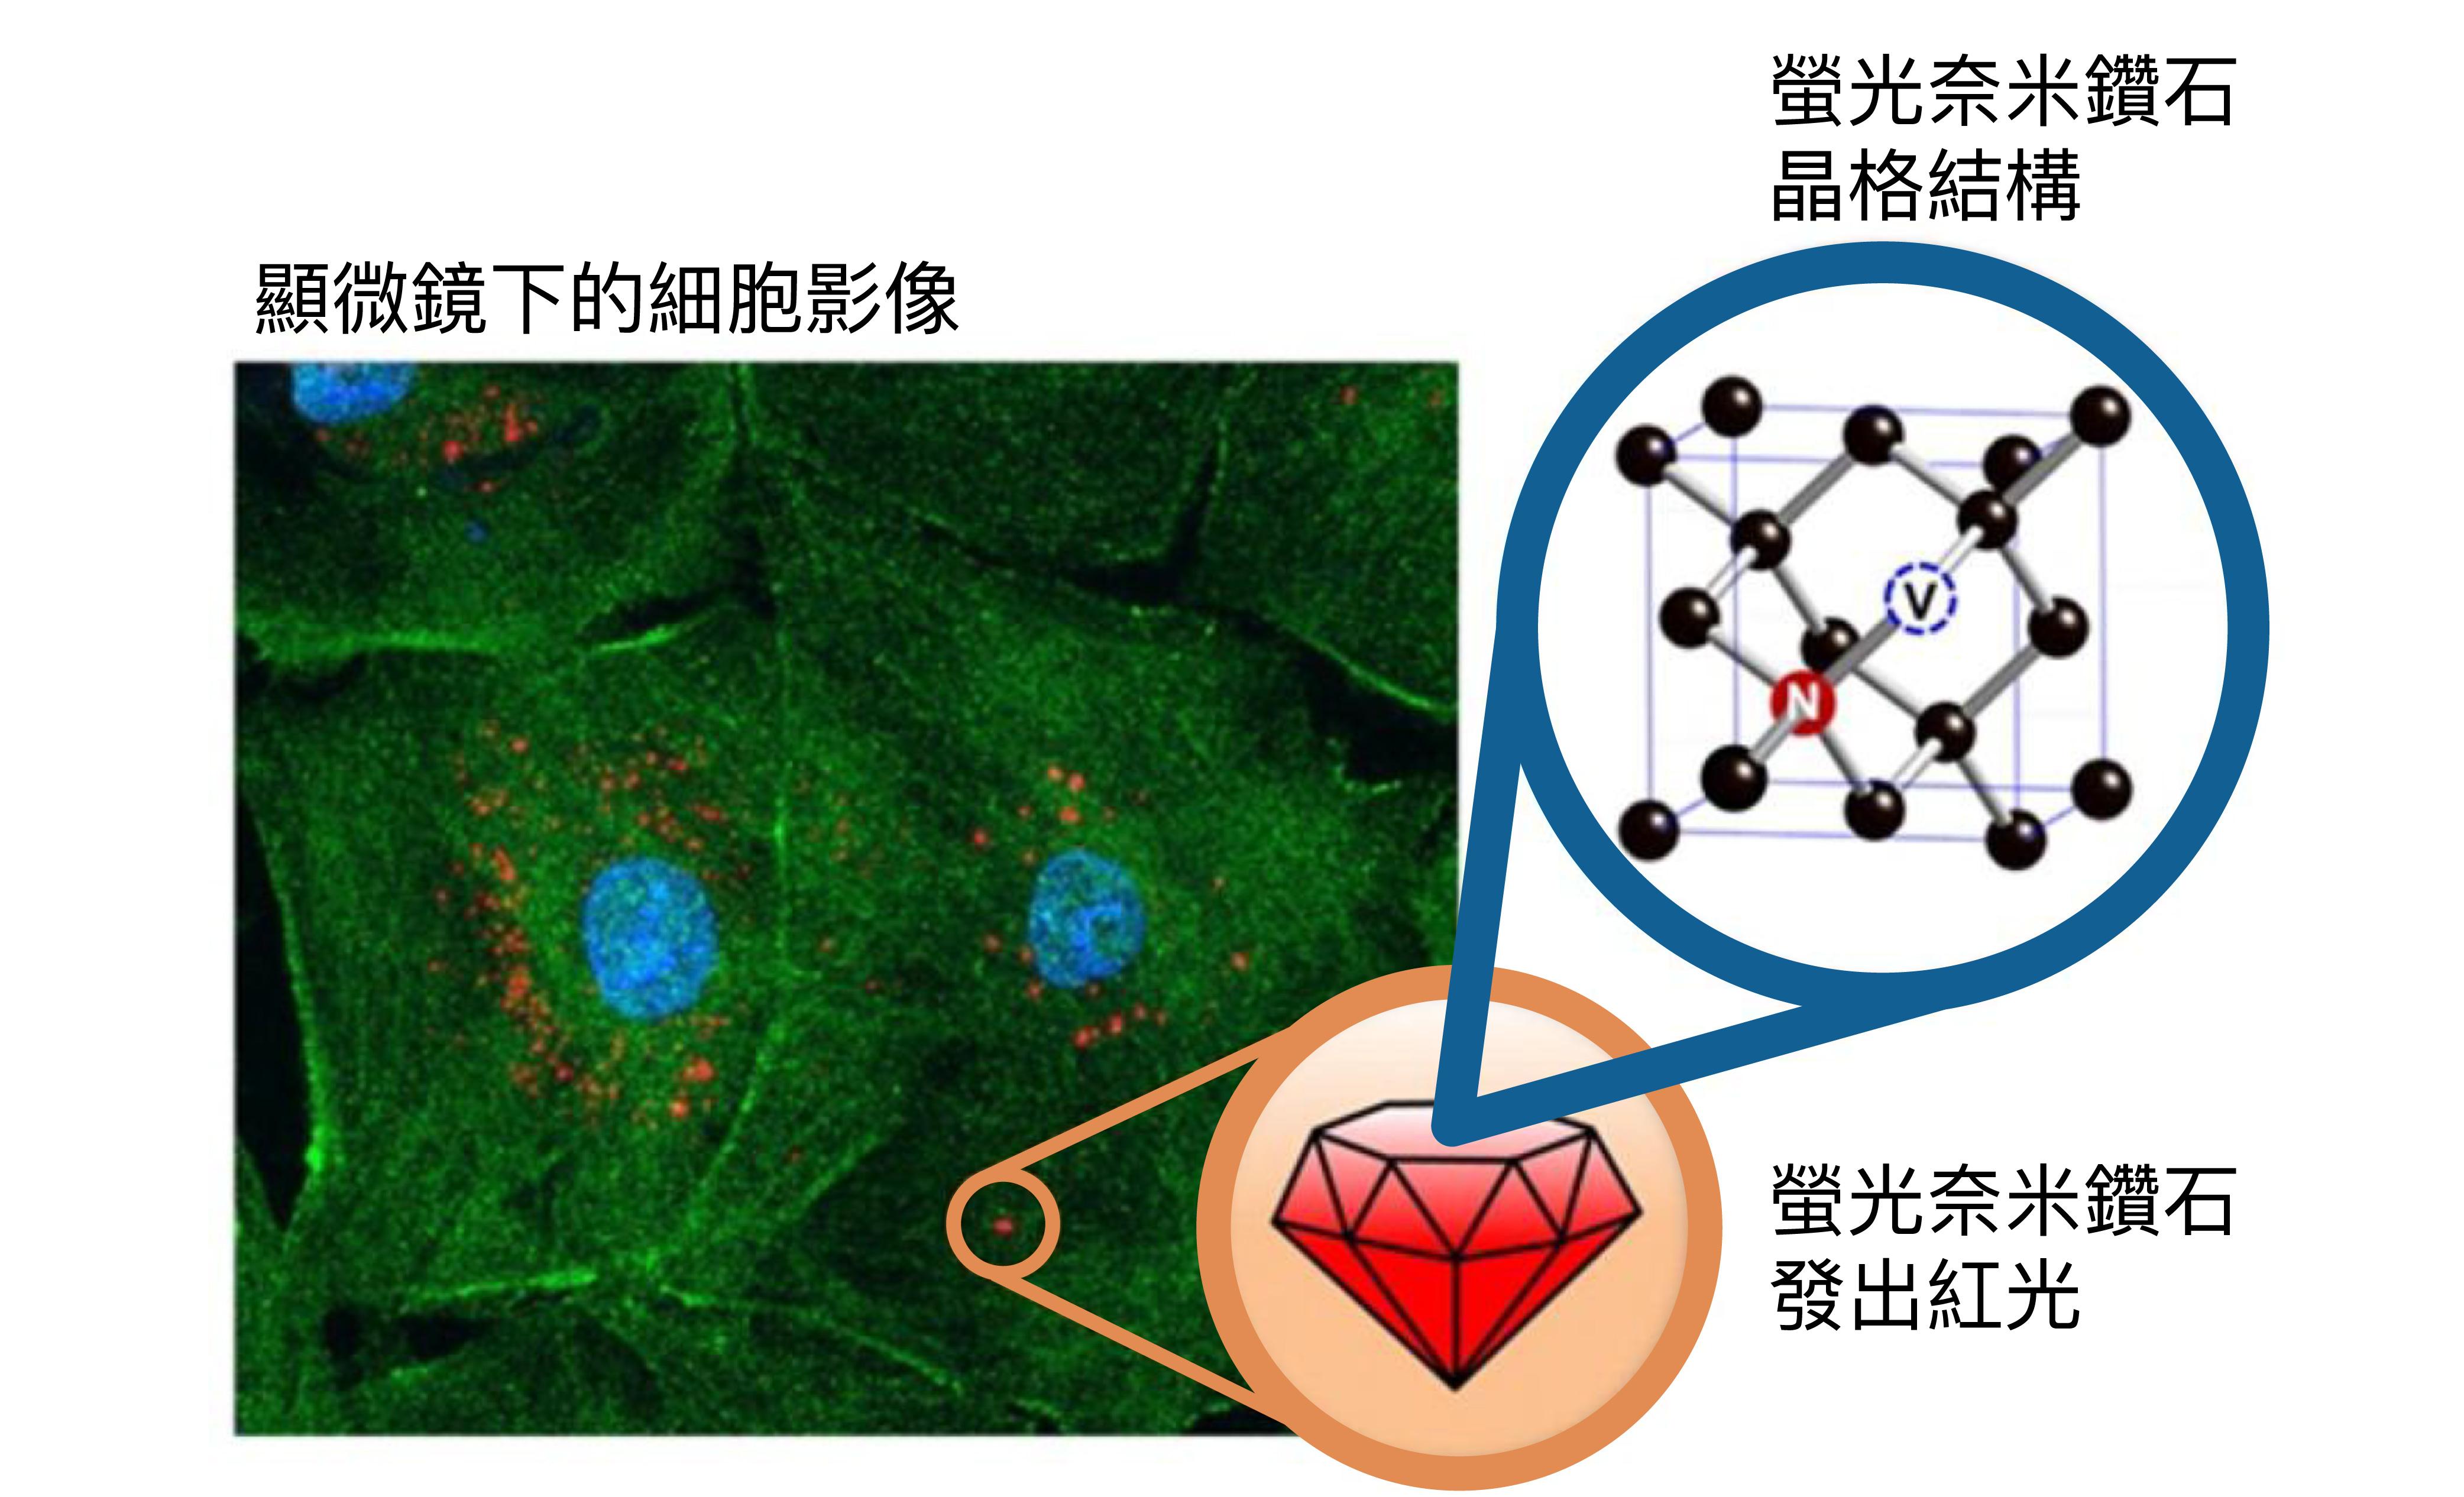 螢光奈米鑽石晶格結構中,可以看到空缺 (V) 在氮原子 (N) 旁邊,形成「氮-空缺顏色中心」,是發光的關鍵。黑色的球是碳原子。圖│研之有物(資料來源│Acc. Chem. Res. 2016, 49, 3, 400-407)